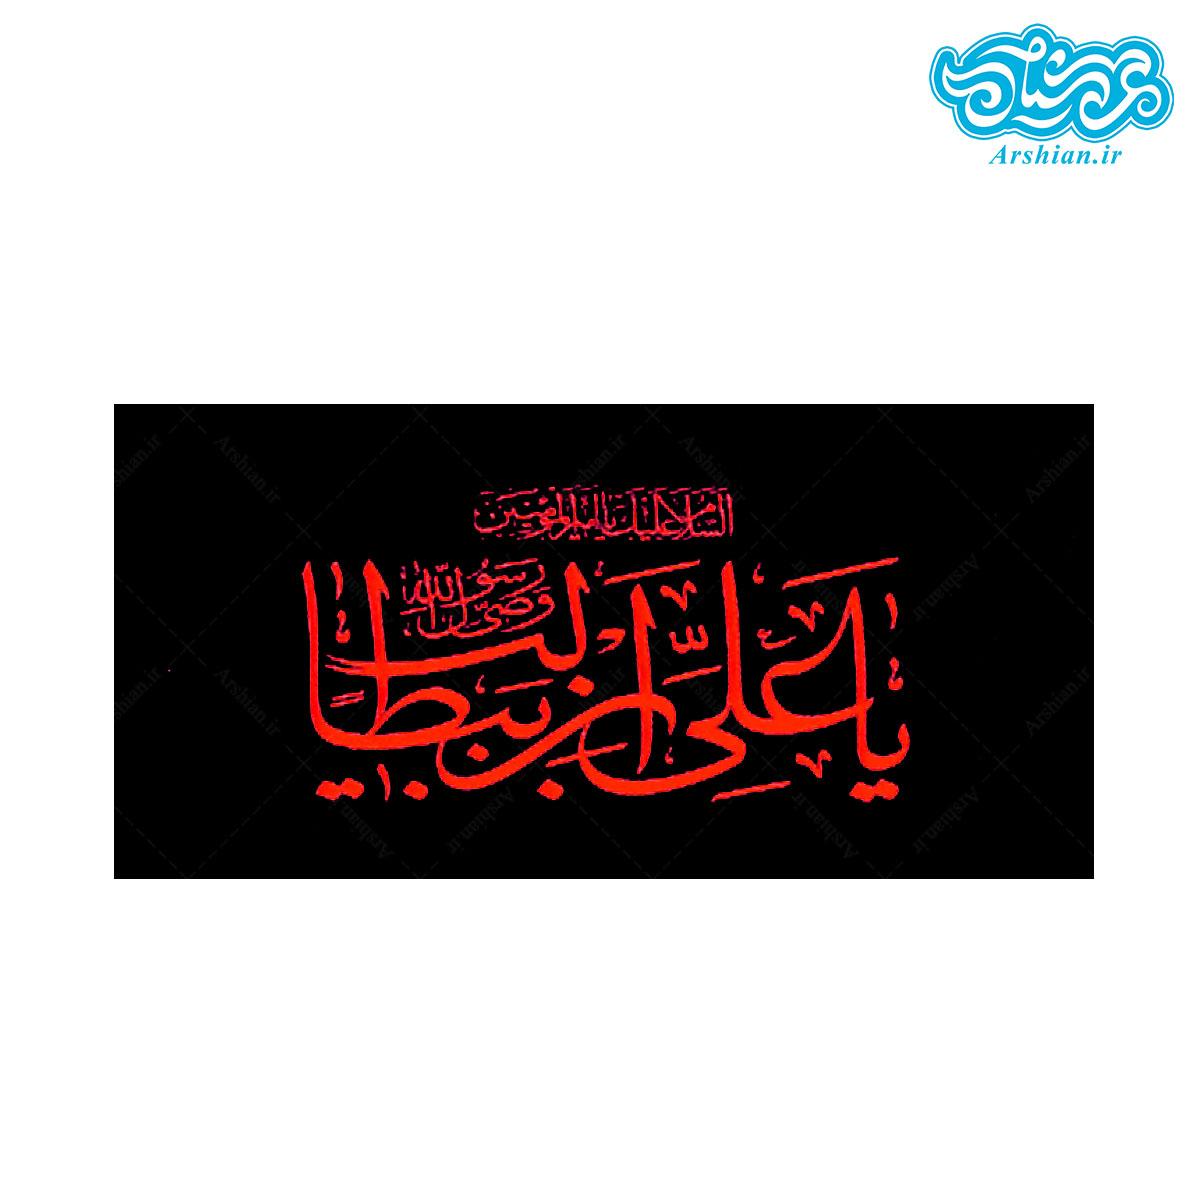 پرچم ساتن یاعلی بن ابیطالب حیدر کد029